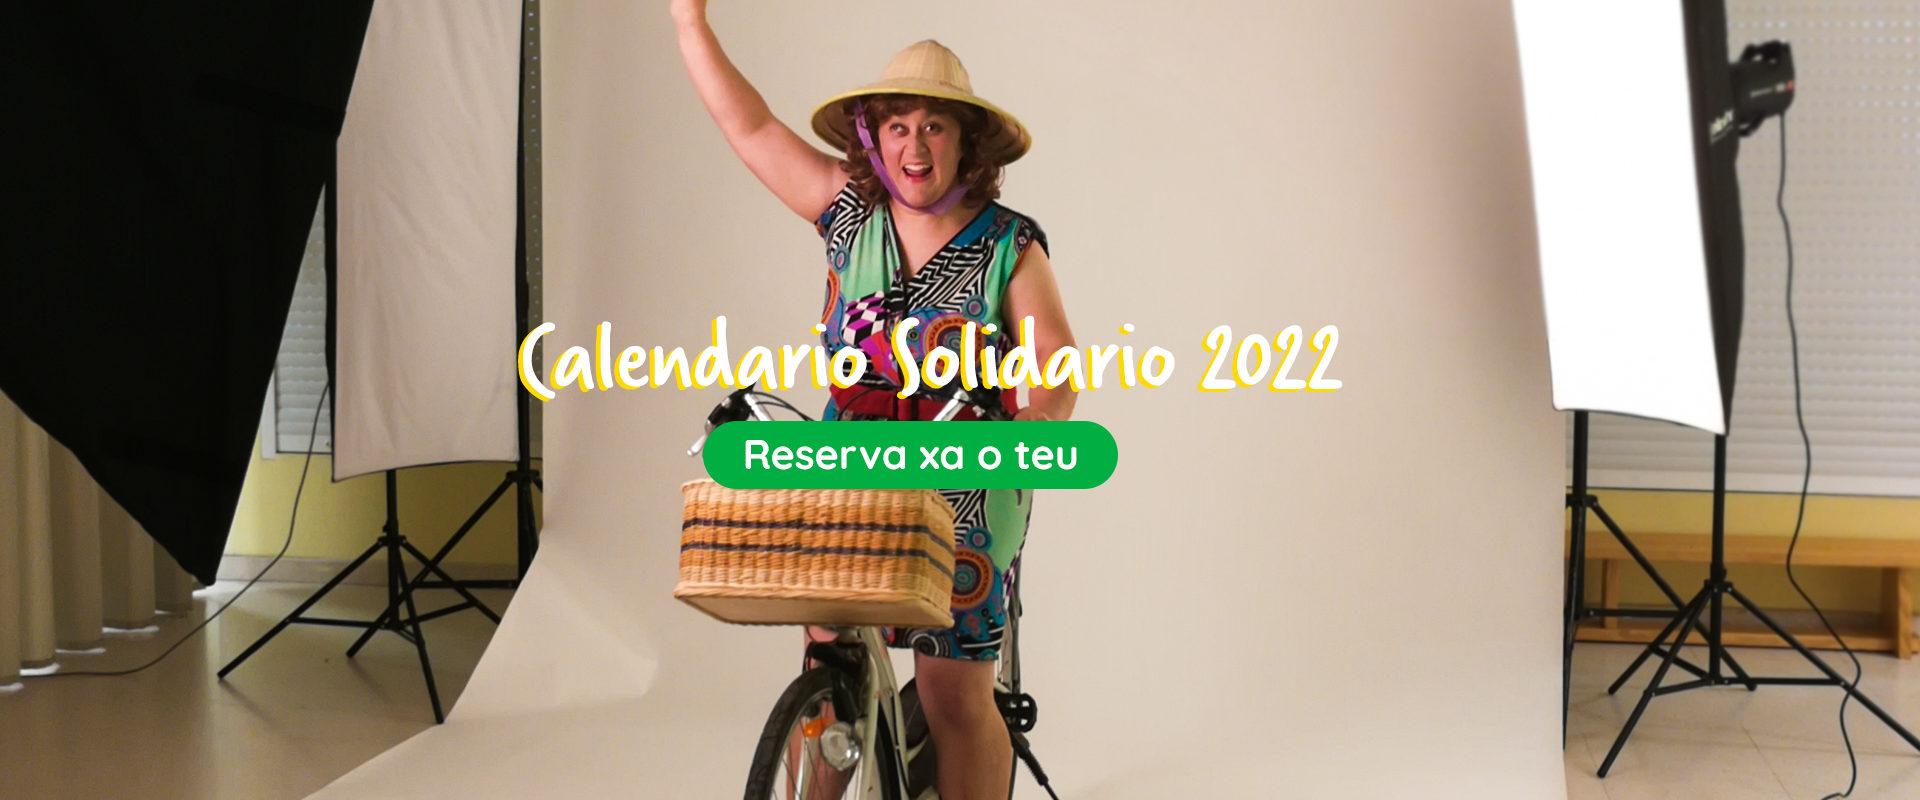 Fotografía do Making of do Calendario Solidario 2019, con ligazón a preventa do Calendario 2022